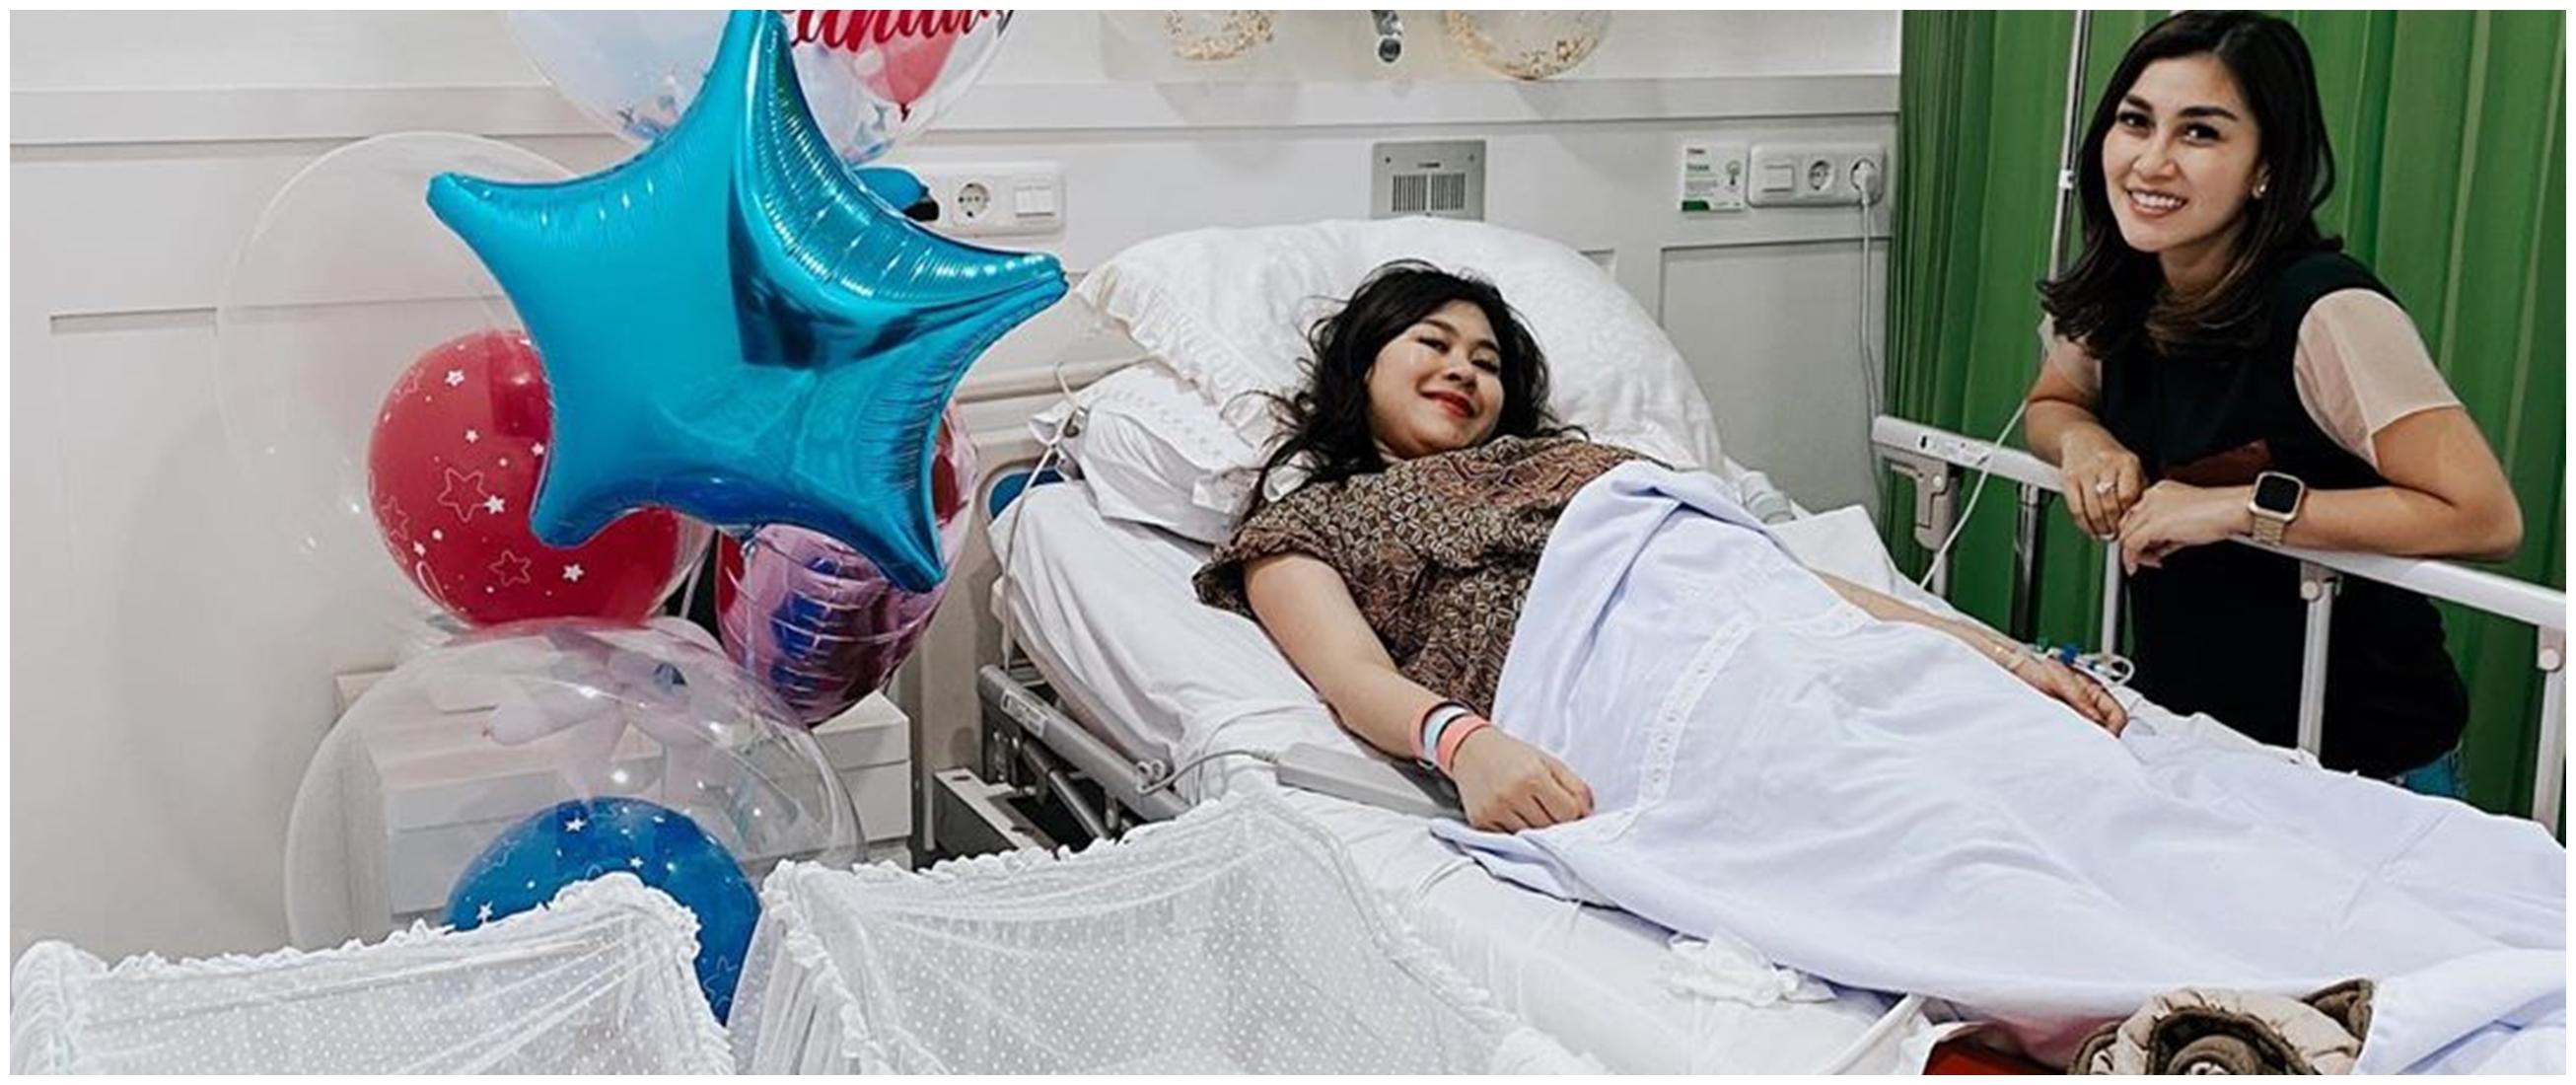 10 Momen bahagia Syahnaz lahirkan bayi kembar, namanya keren